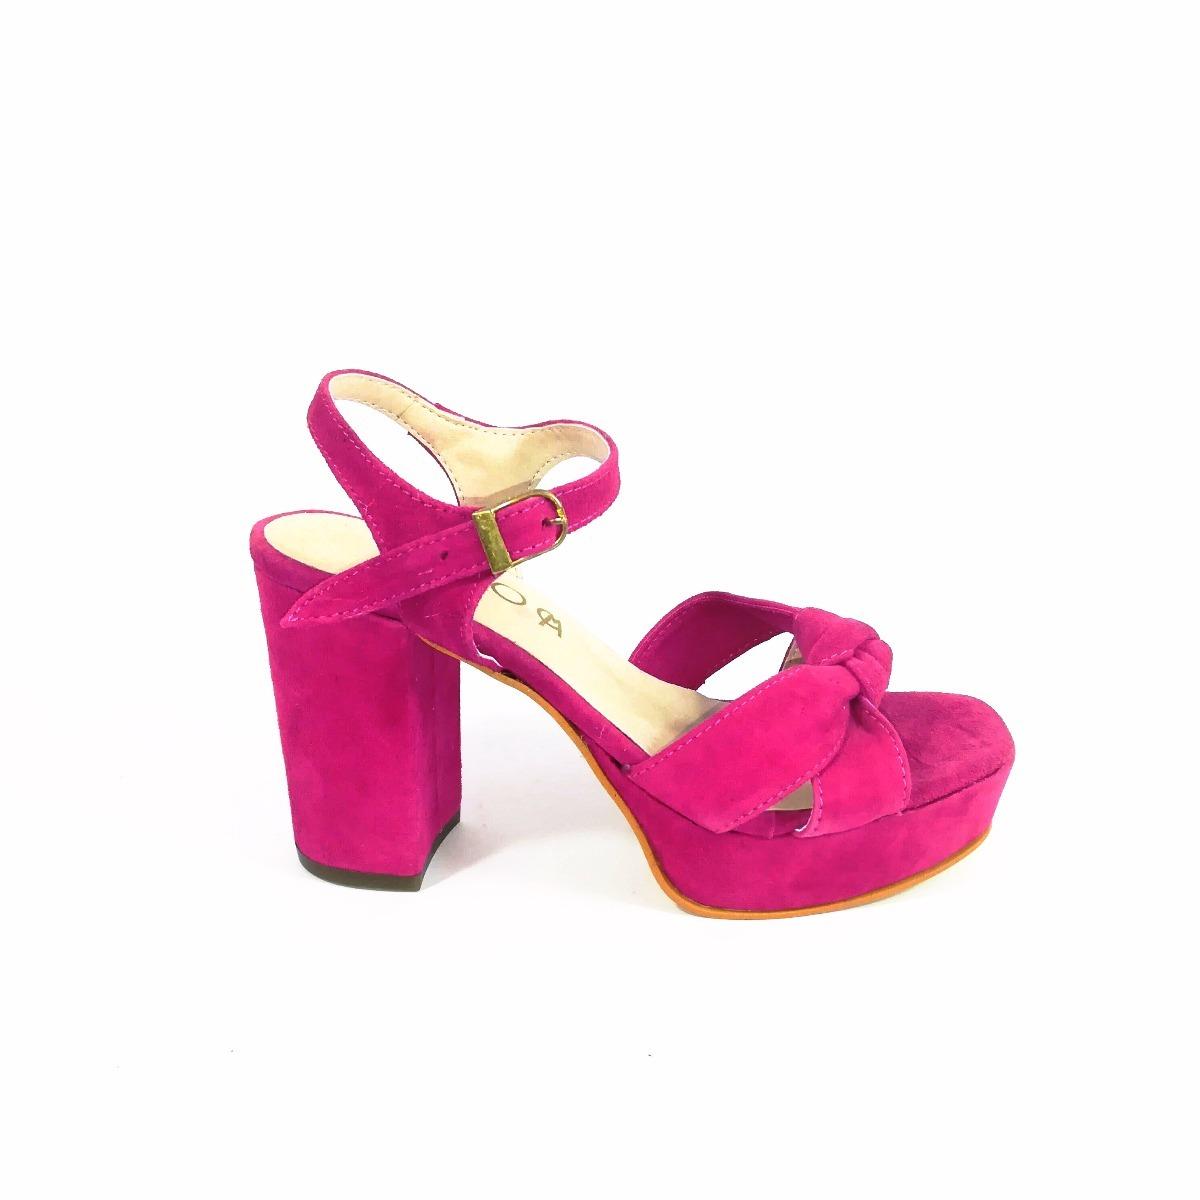 muchos estilos características sobresalientes barato mejor valorado Zapatos Mujer - Gamuza Fucsia - Vestir - Calidad